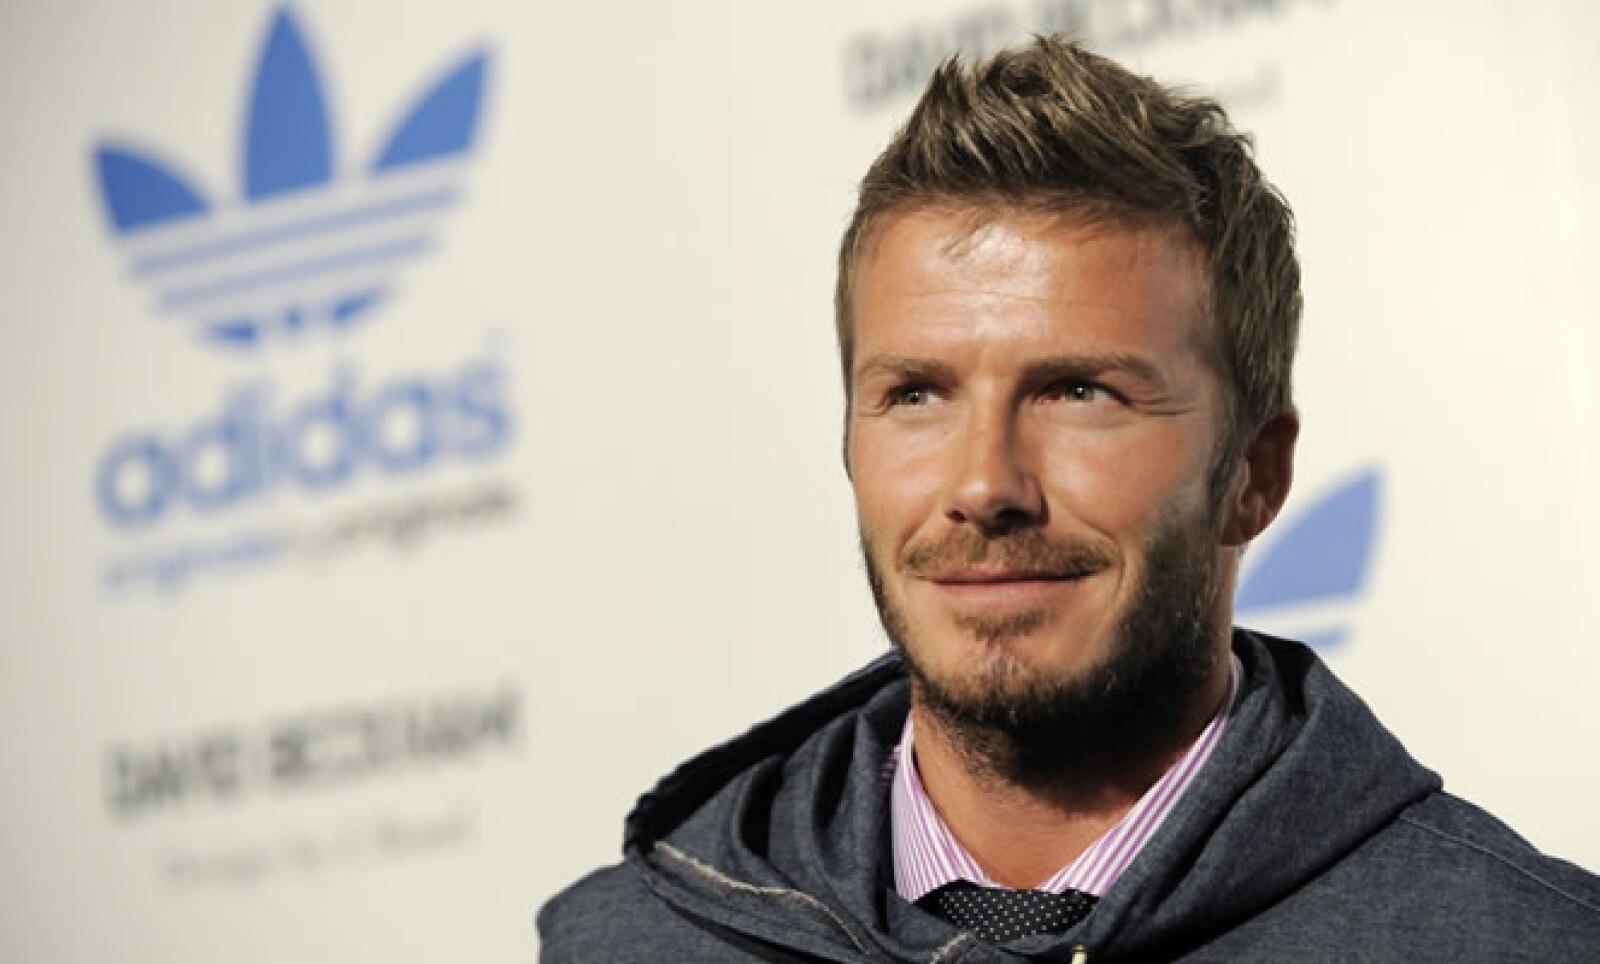 Un diseñador se encargó exclusivamente de crear la línea de ropa Originals by David Beckham, parte de la colección de Adidas.